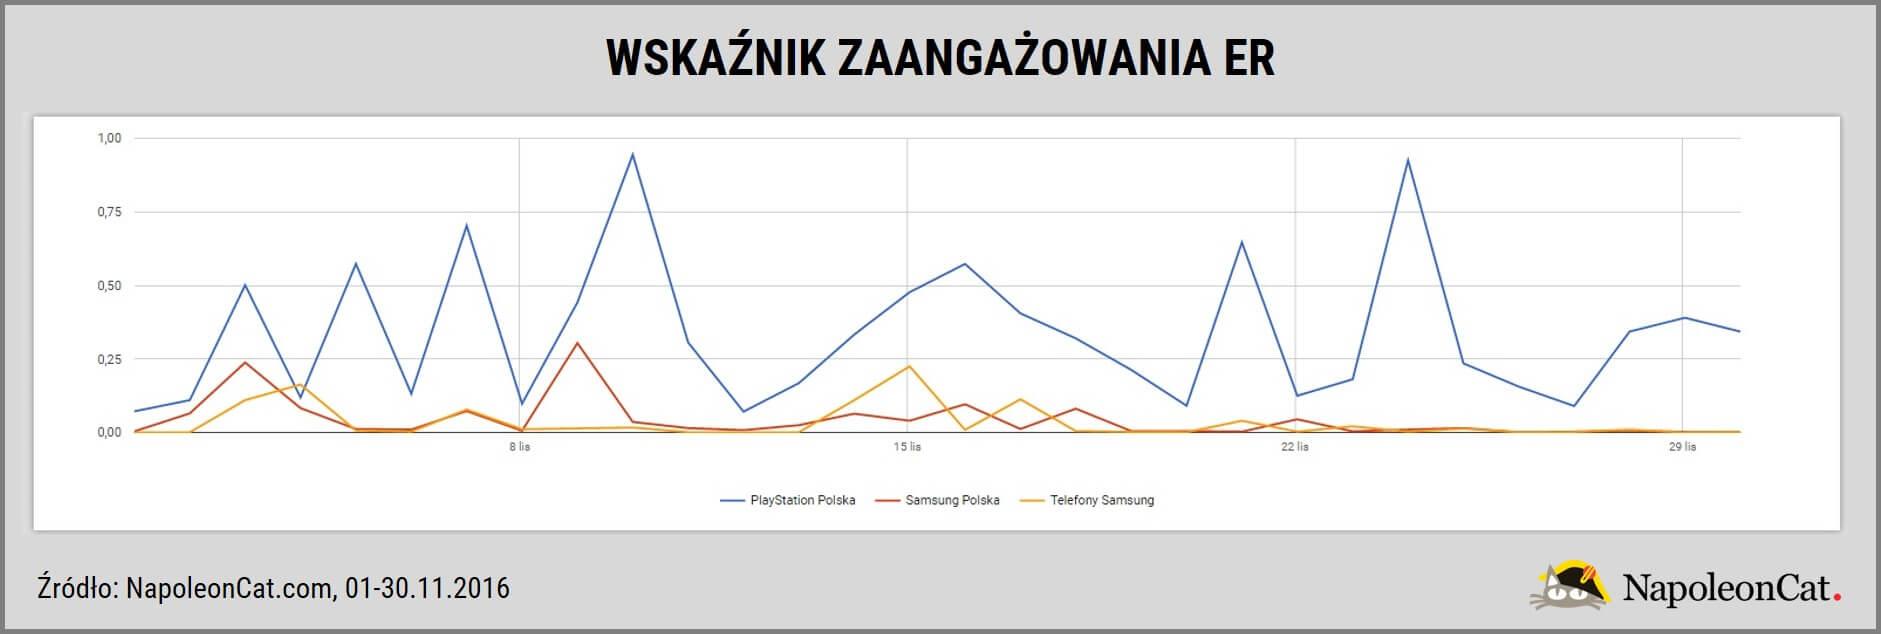 najpopularniejsze_marki_elektronieczne_na_Facebooku-listopad2016_wskaznik_zaangazowania-dane_NapoleonCat.com